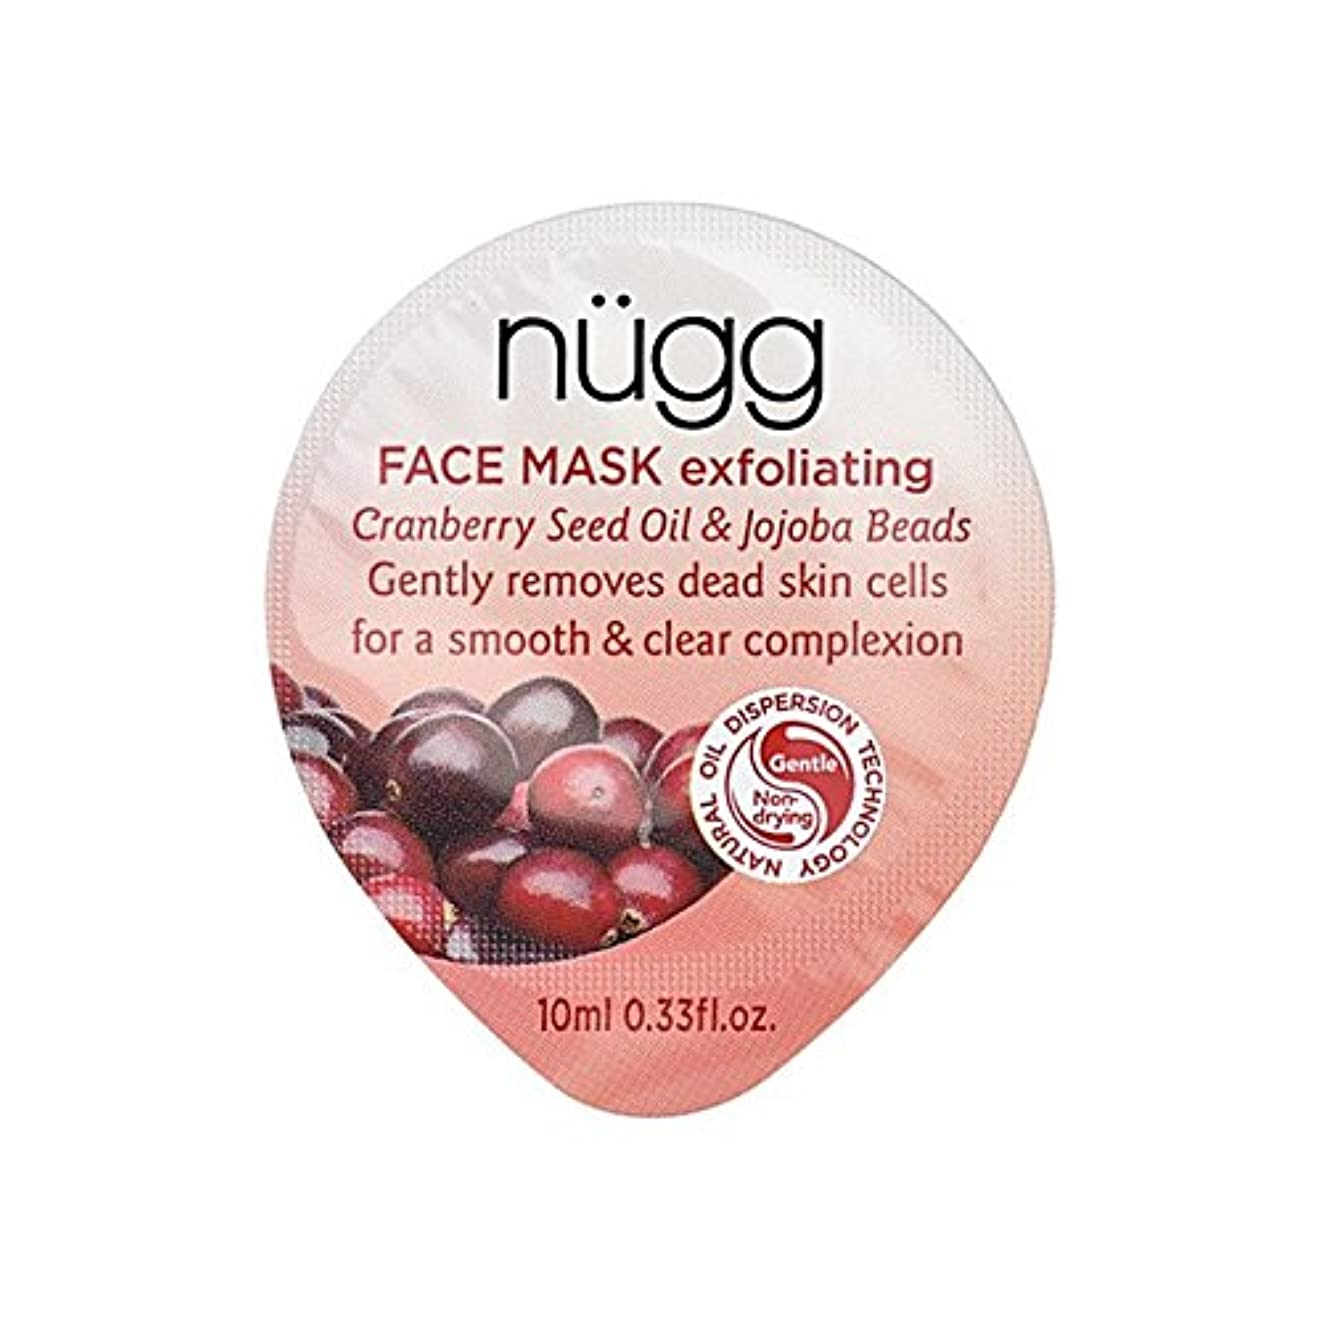 デコレーション徹底的に傑作Nugg Exfoliating Face Mask - フェイスマスクを剥離 [並行輸入品]